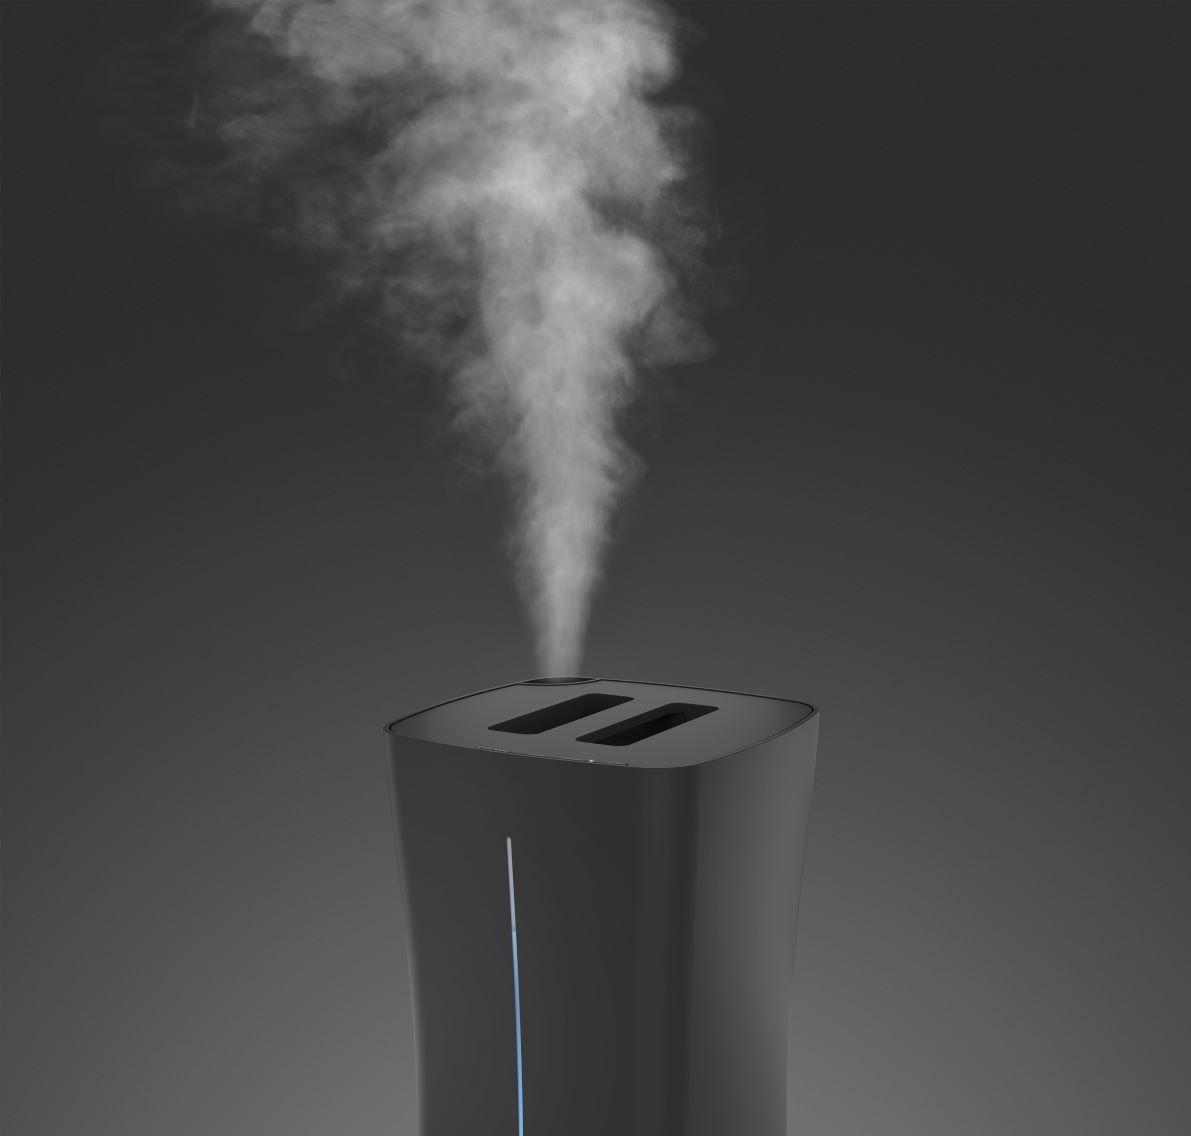 「床上140cmまでミストがのぼる!NEWモデル加湿器Eva(エヴァ) 2.0徹底解説」の写真